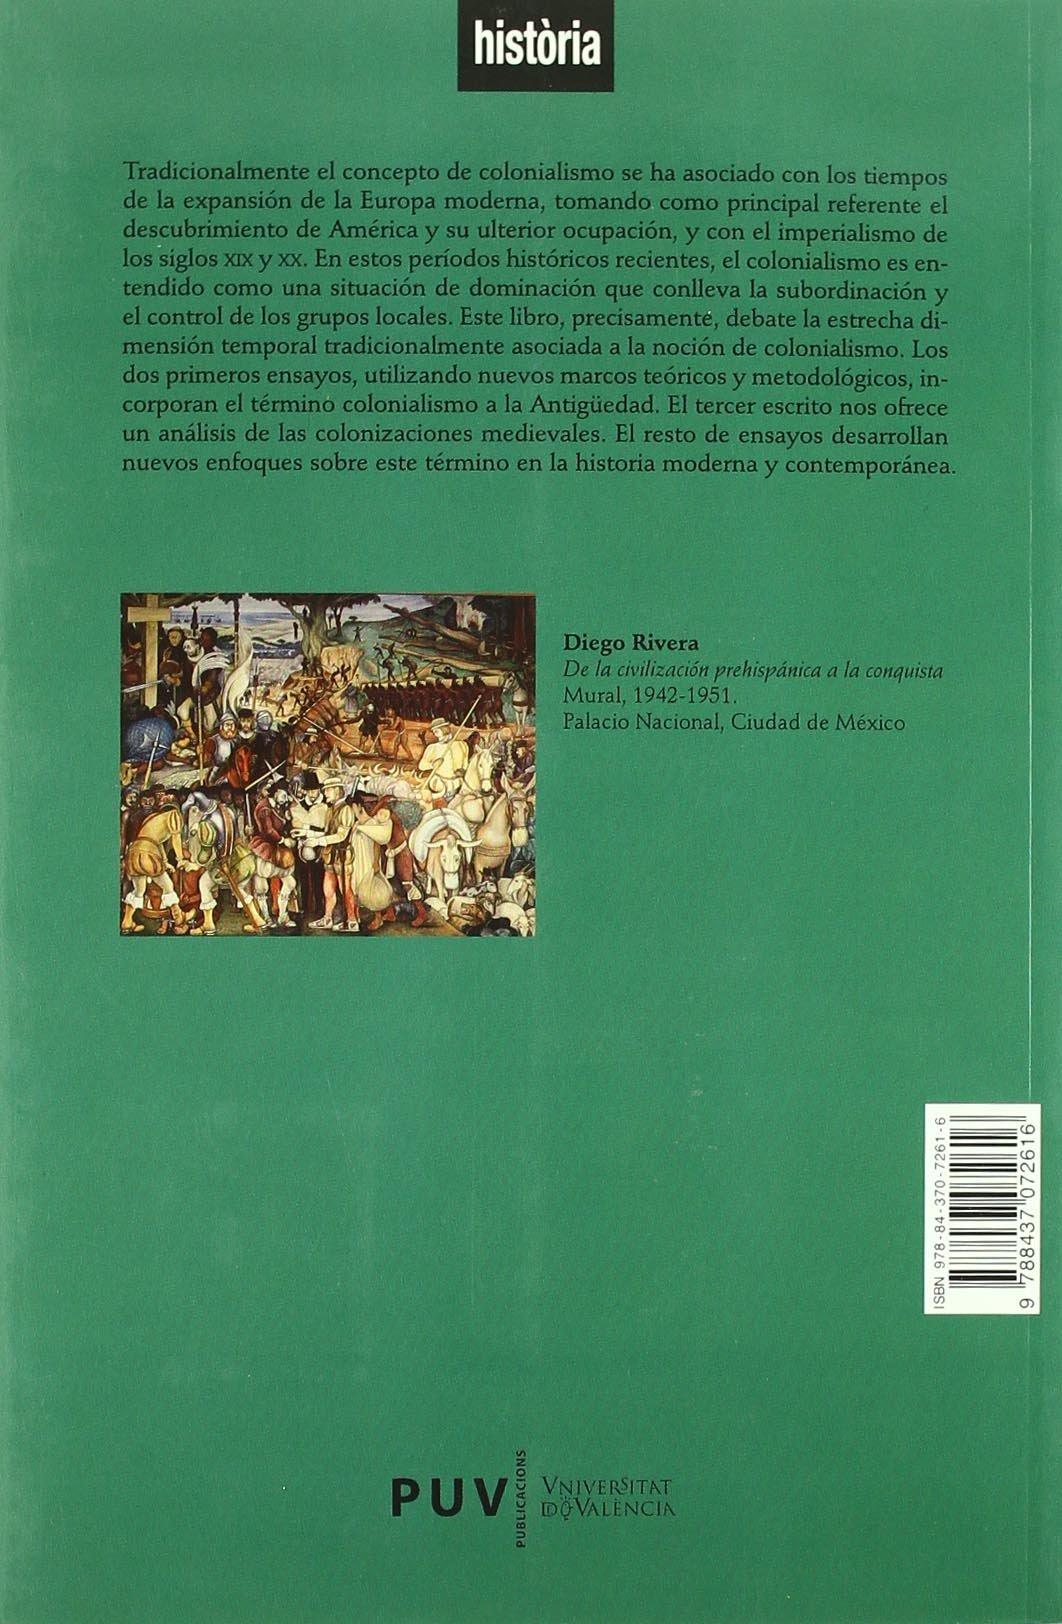 De Tartessos a Manila: Siete estudios coloniales y poscoloniales Història: Amazon.es: Glòria Cano: Libros